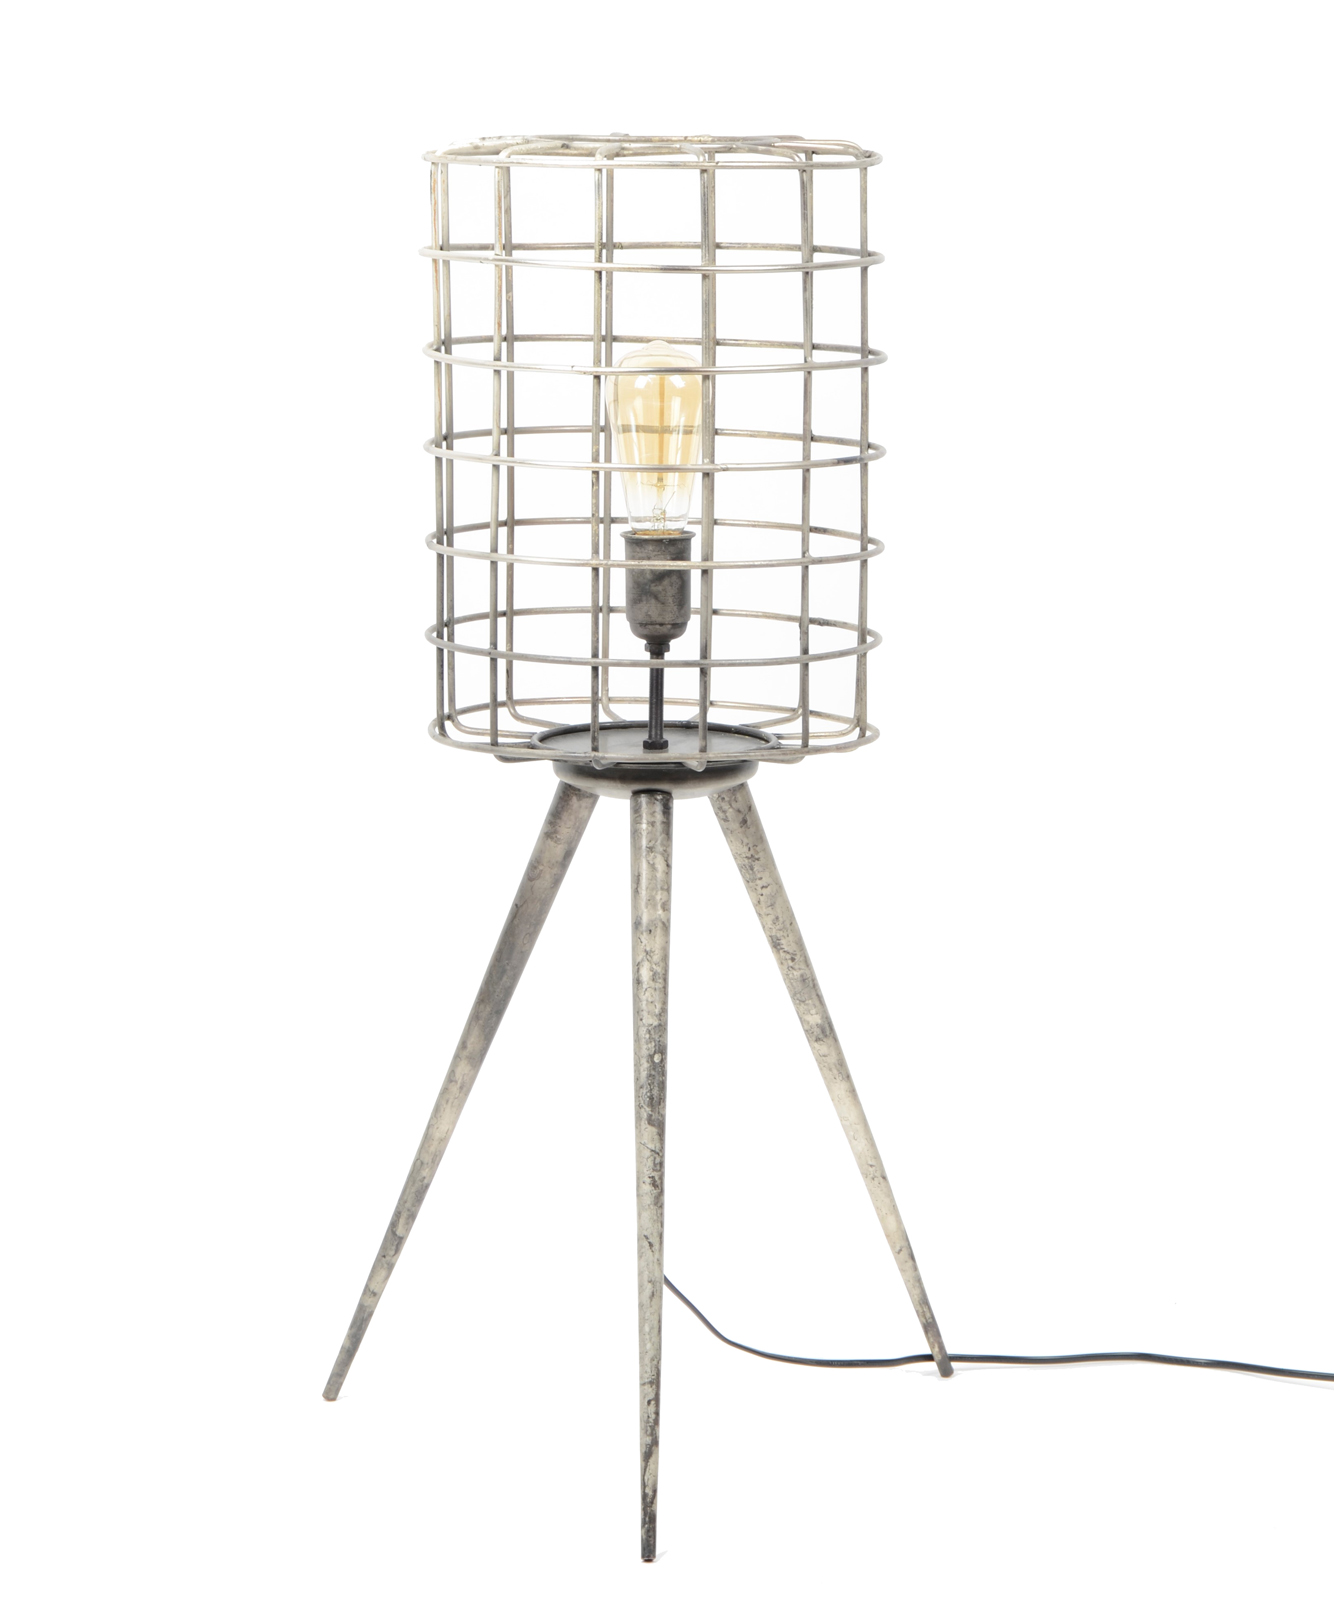 Lampe Trépied Métal Tribeca Abat Grillage 80cm Argenté Jour LMpUGVqSz